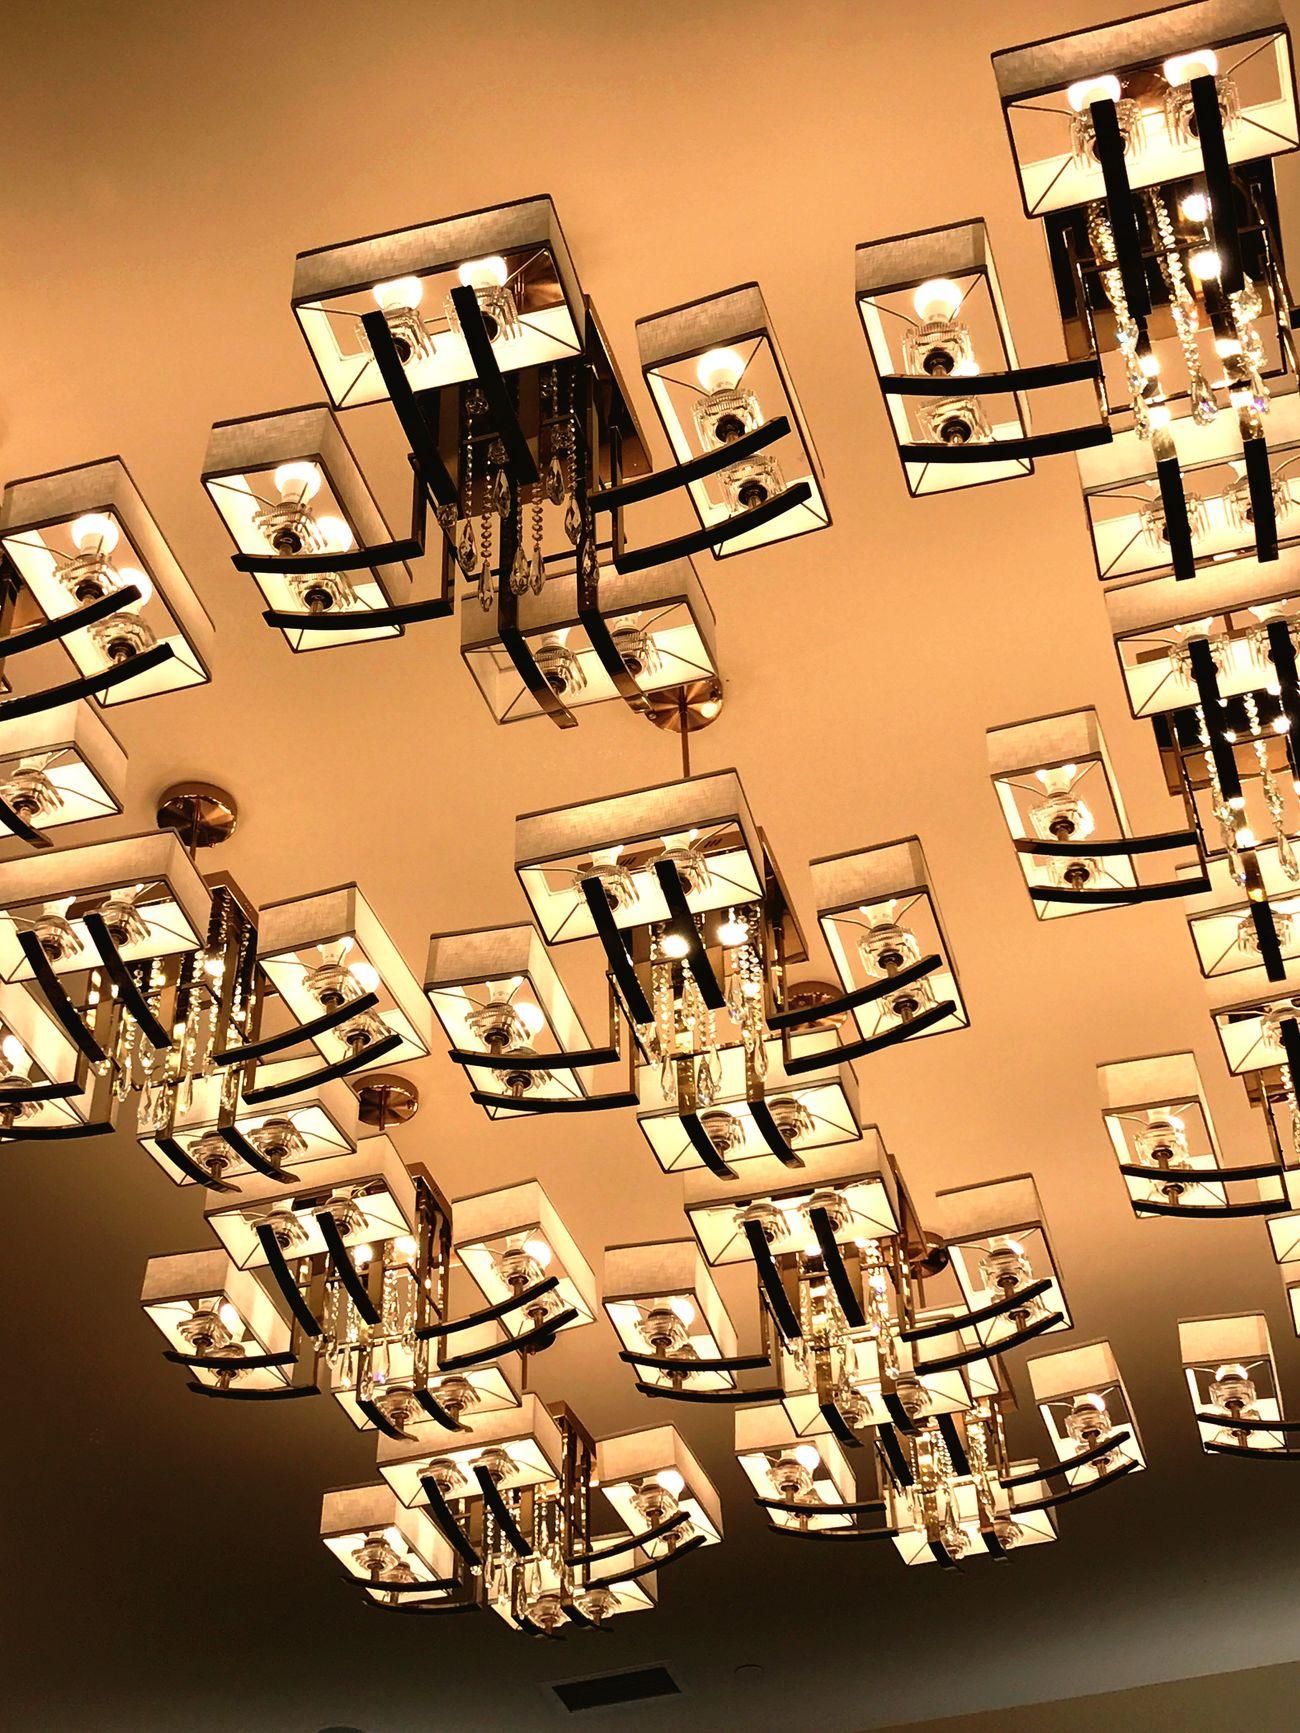 Ceiling Lights Lights Design